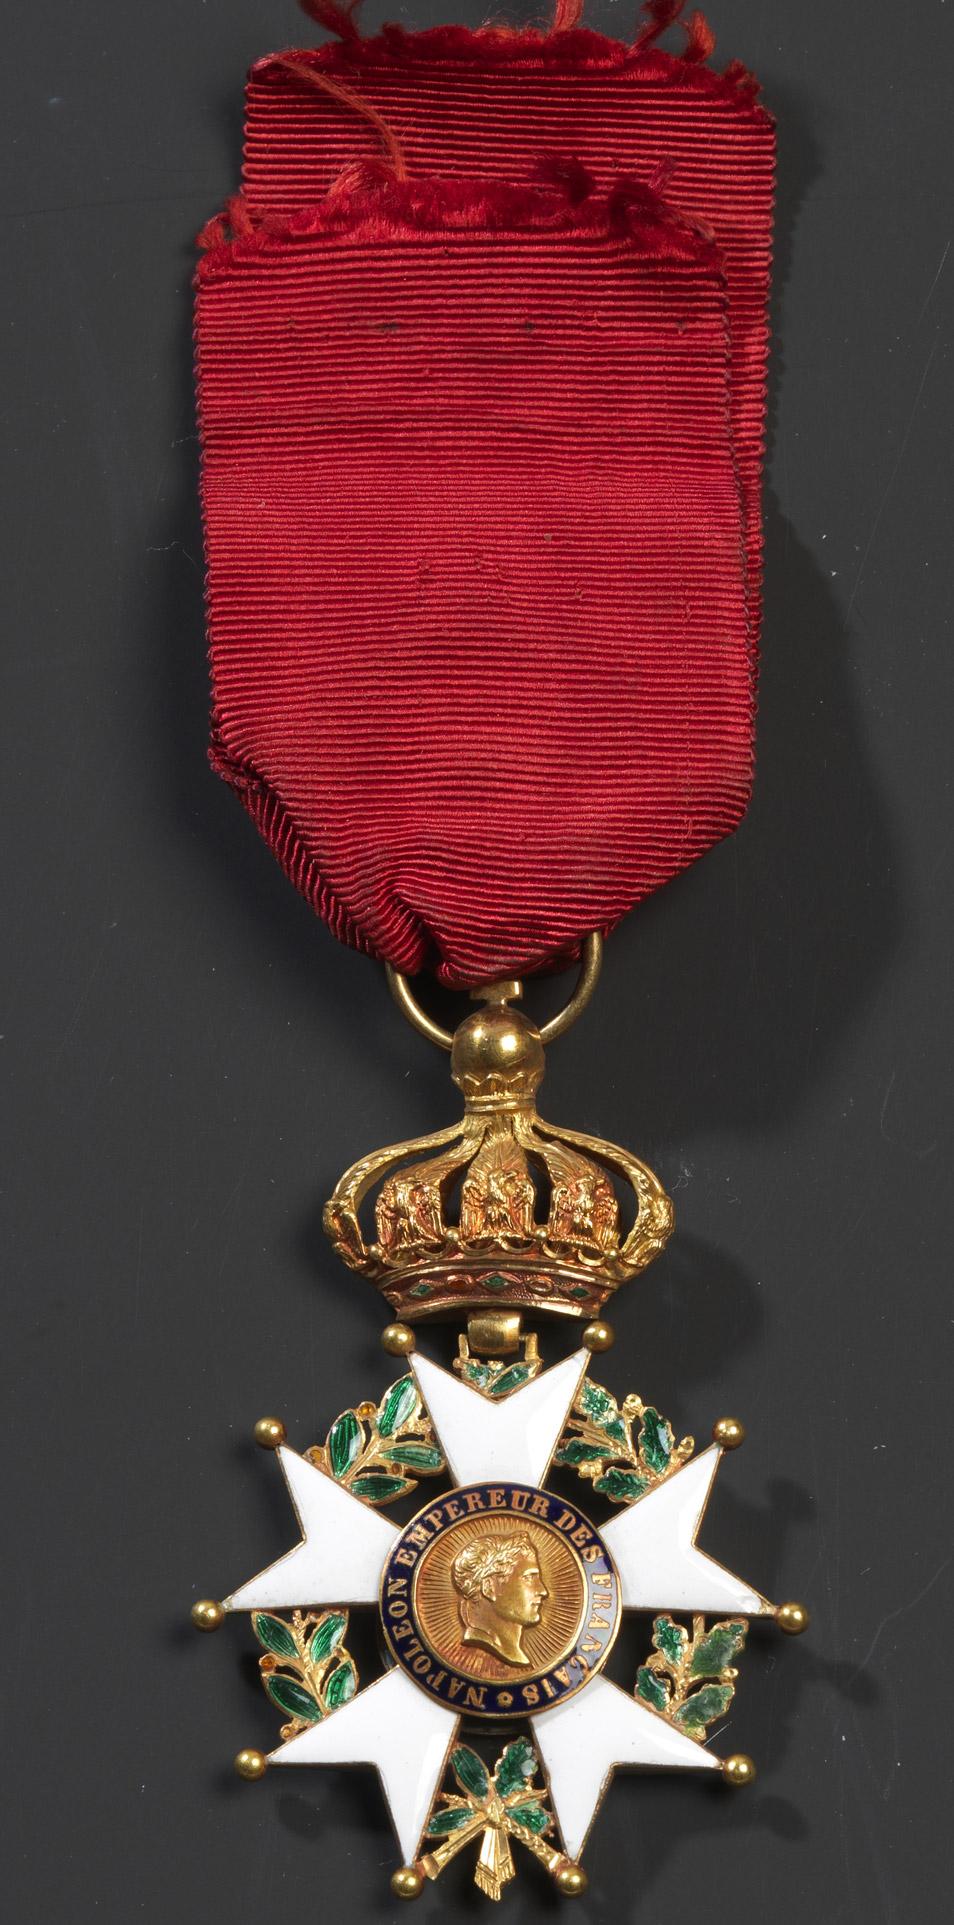 Étoile de Chevalier de la Légion d'Honneur - Patrimoine Charles-André COLONNA WALEWSKI, en ligne directe de Napoléon